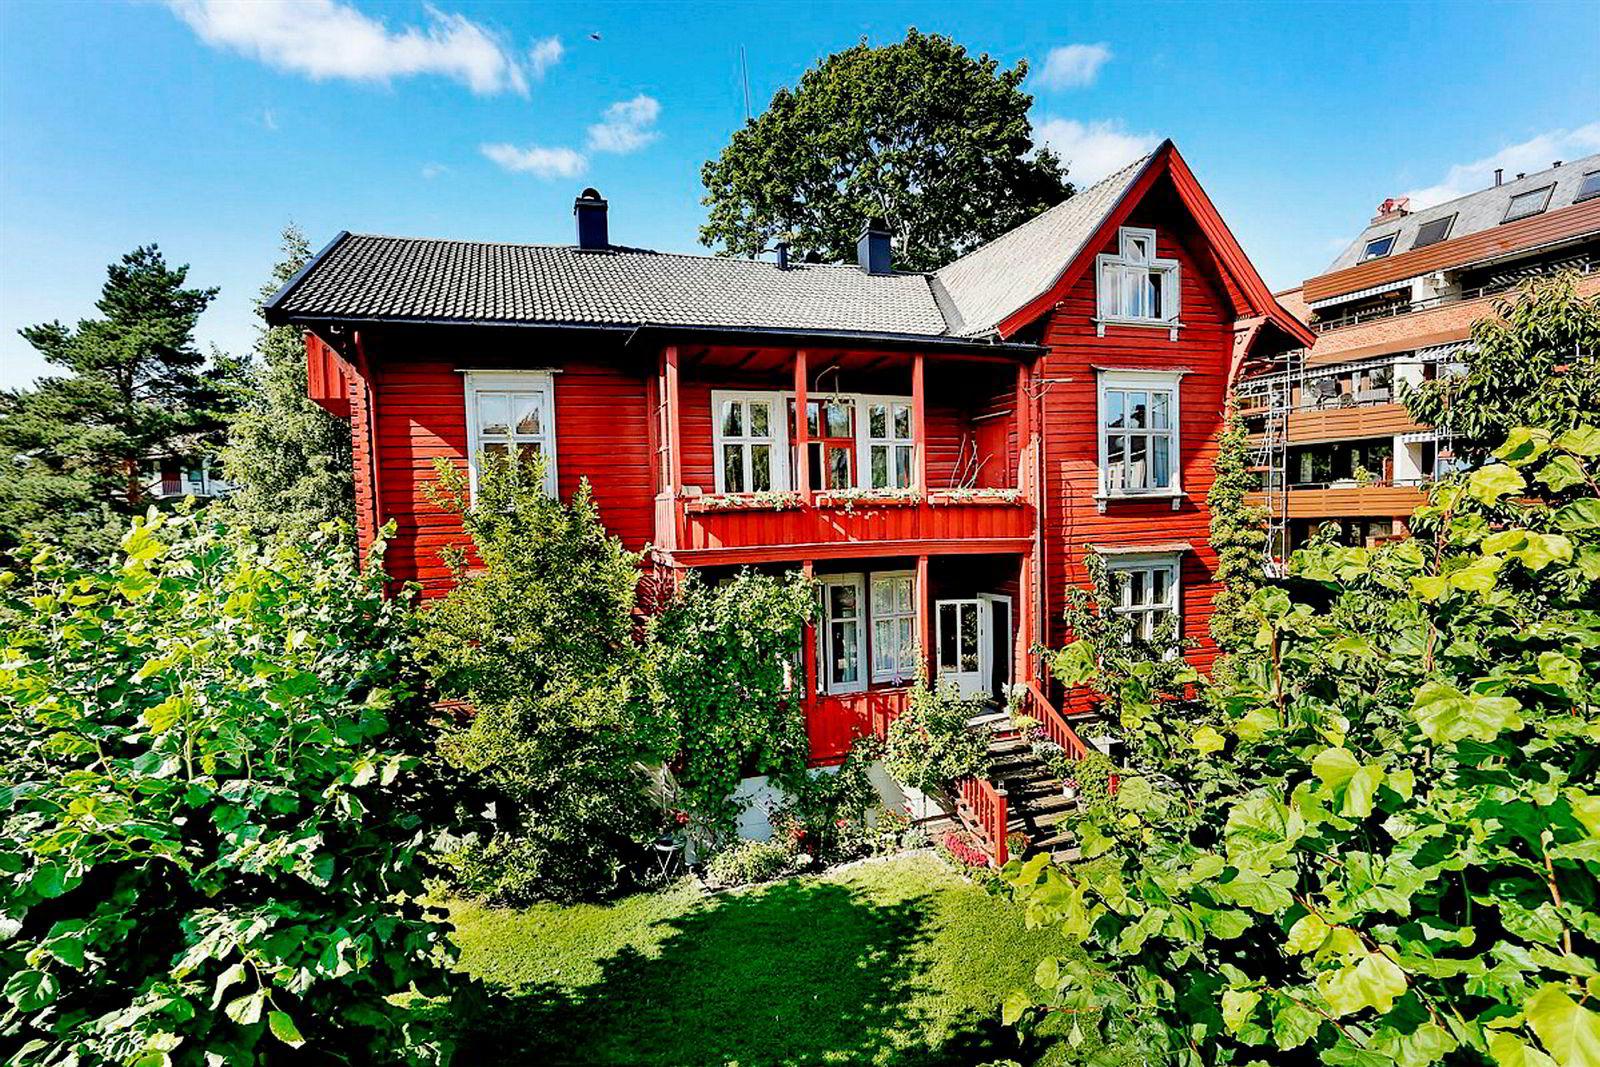 I Tidemands gate på Frogner i Oslo ligger villaen som Seierstad og familien nylig har flyttet fra. – Det er vanskelig å selge, fordi jeg har vært veldig lykkelig der. Samtidig har jeg tenkt at huset skal gå videre. Jeg håper det får gode eiere, sier Seierstad.